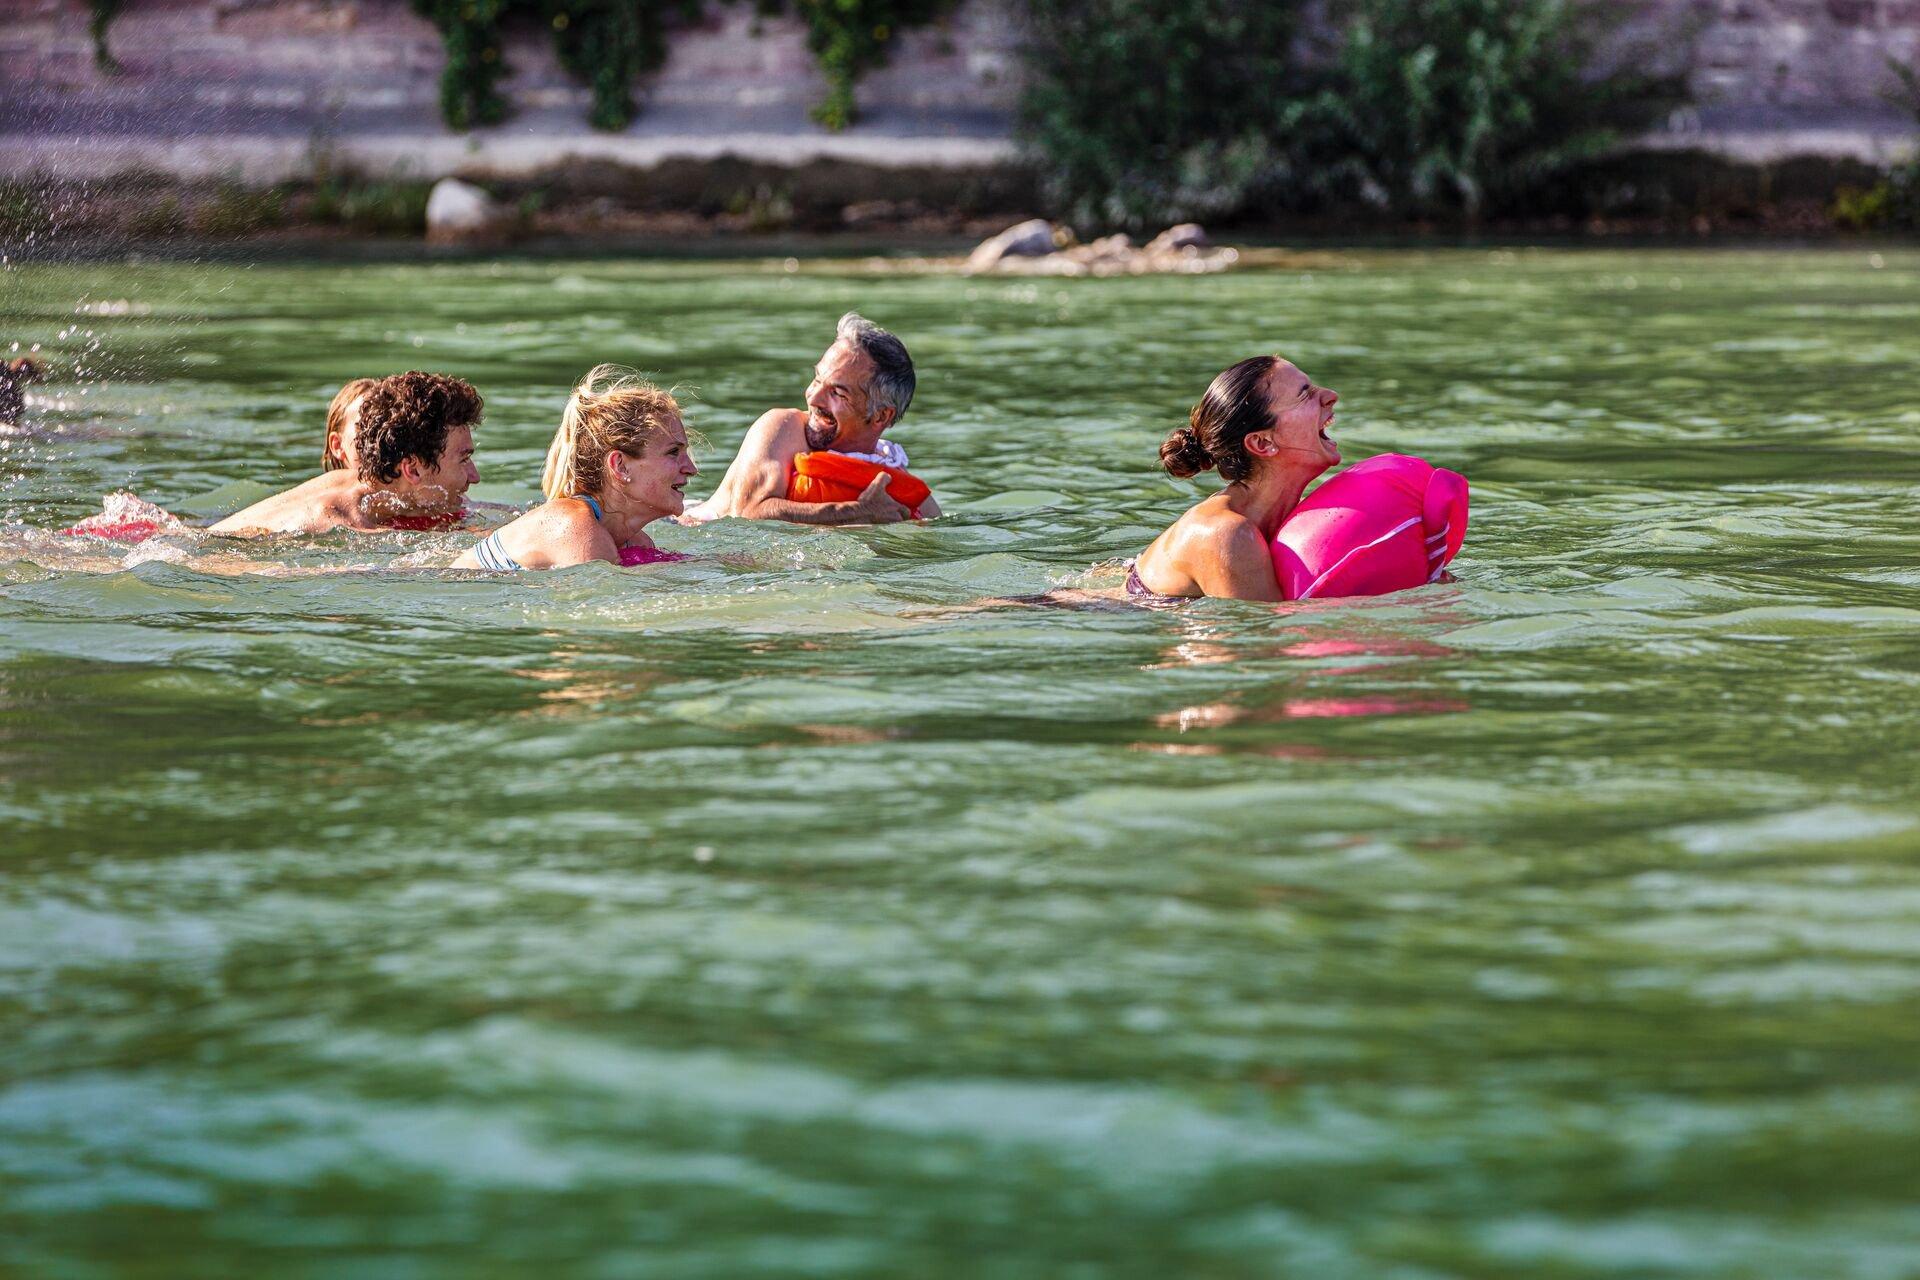 Rheinschwimmen in Basel // Swimming in the Rhine in Basel